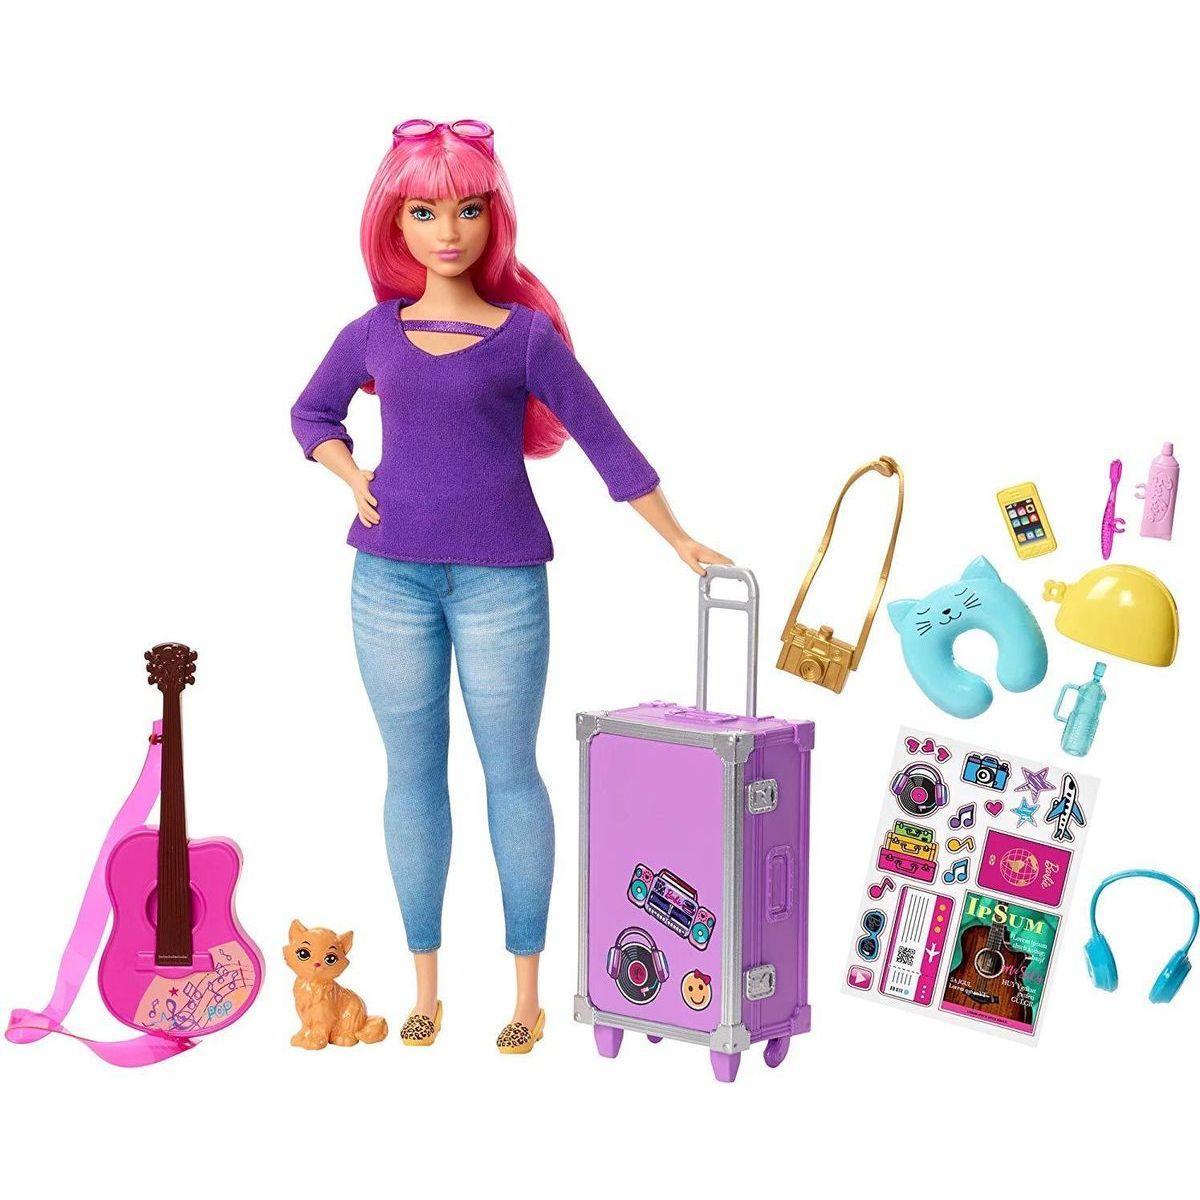 Mattel Barbie cestovatelka růžové vlasy - Daisy